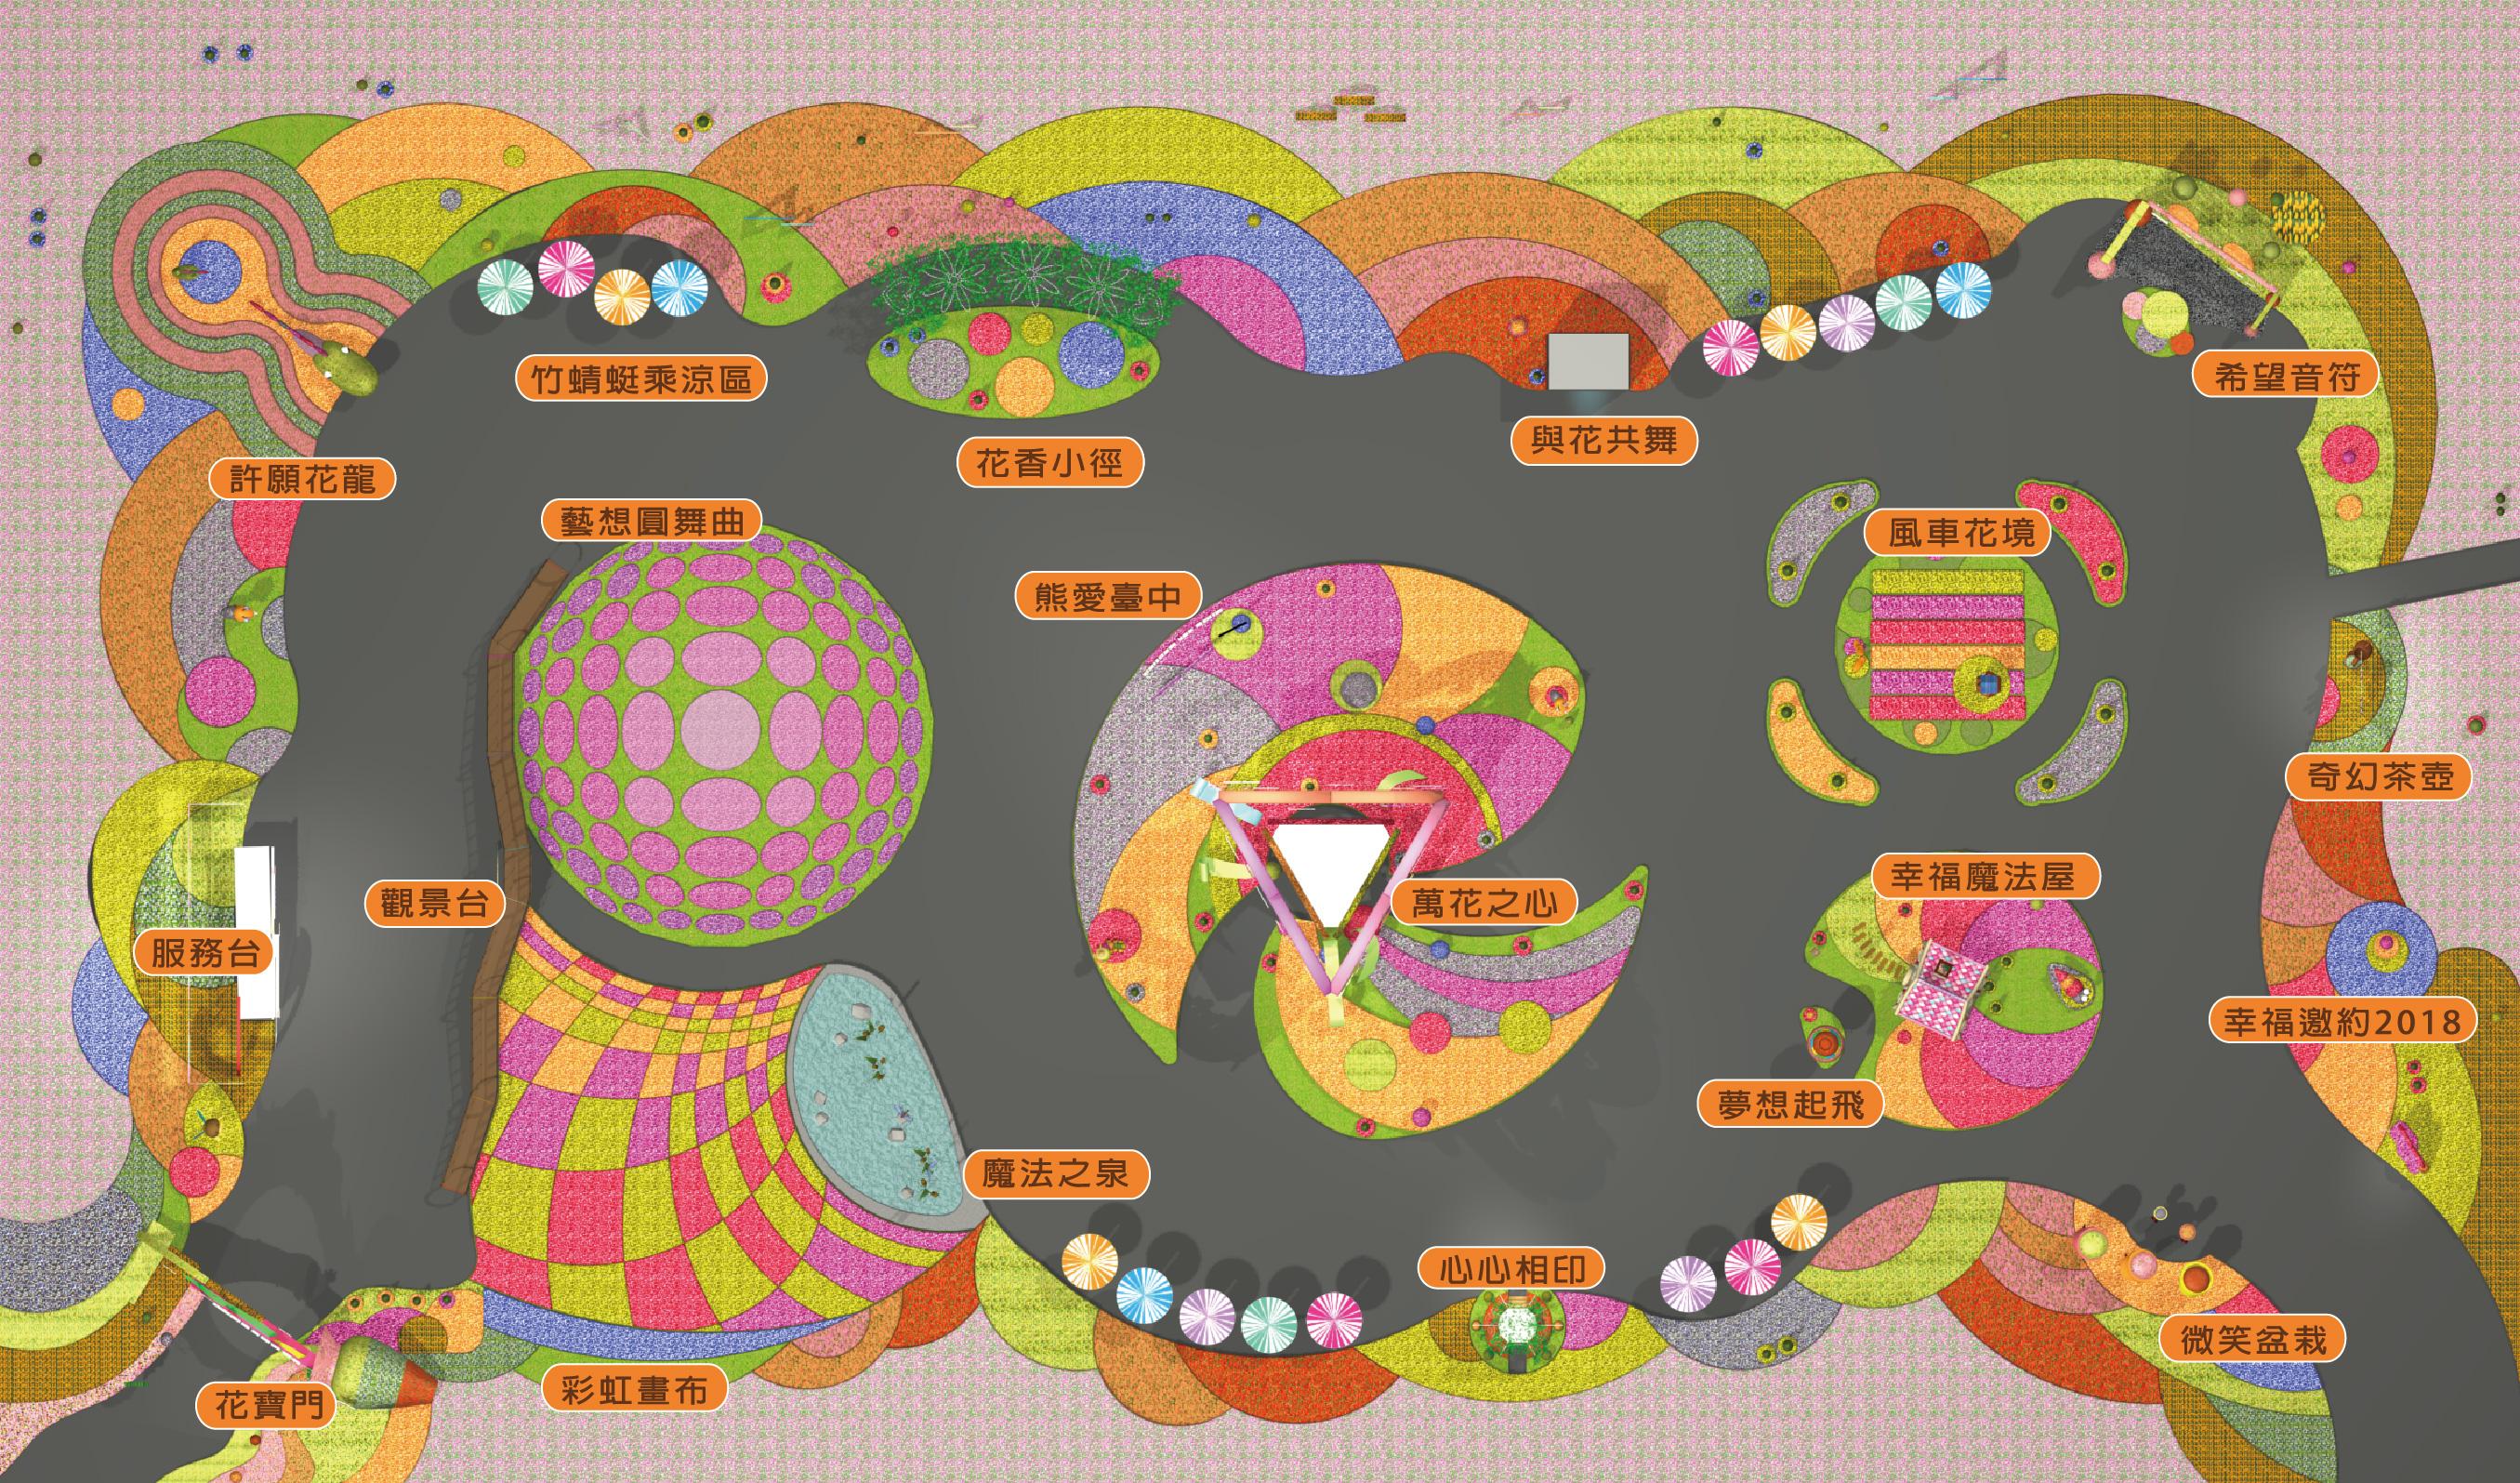 2015臺中國際花毯節平面配置圖